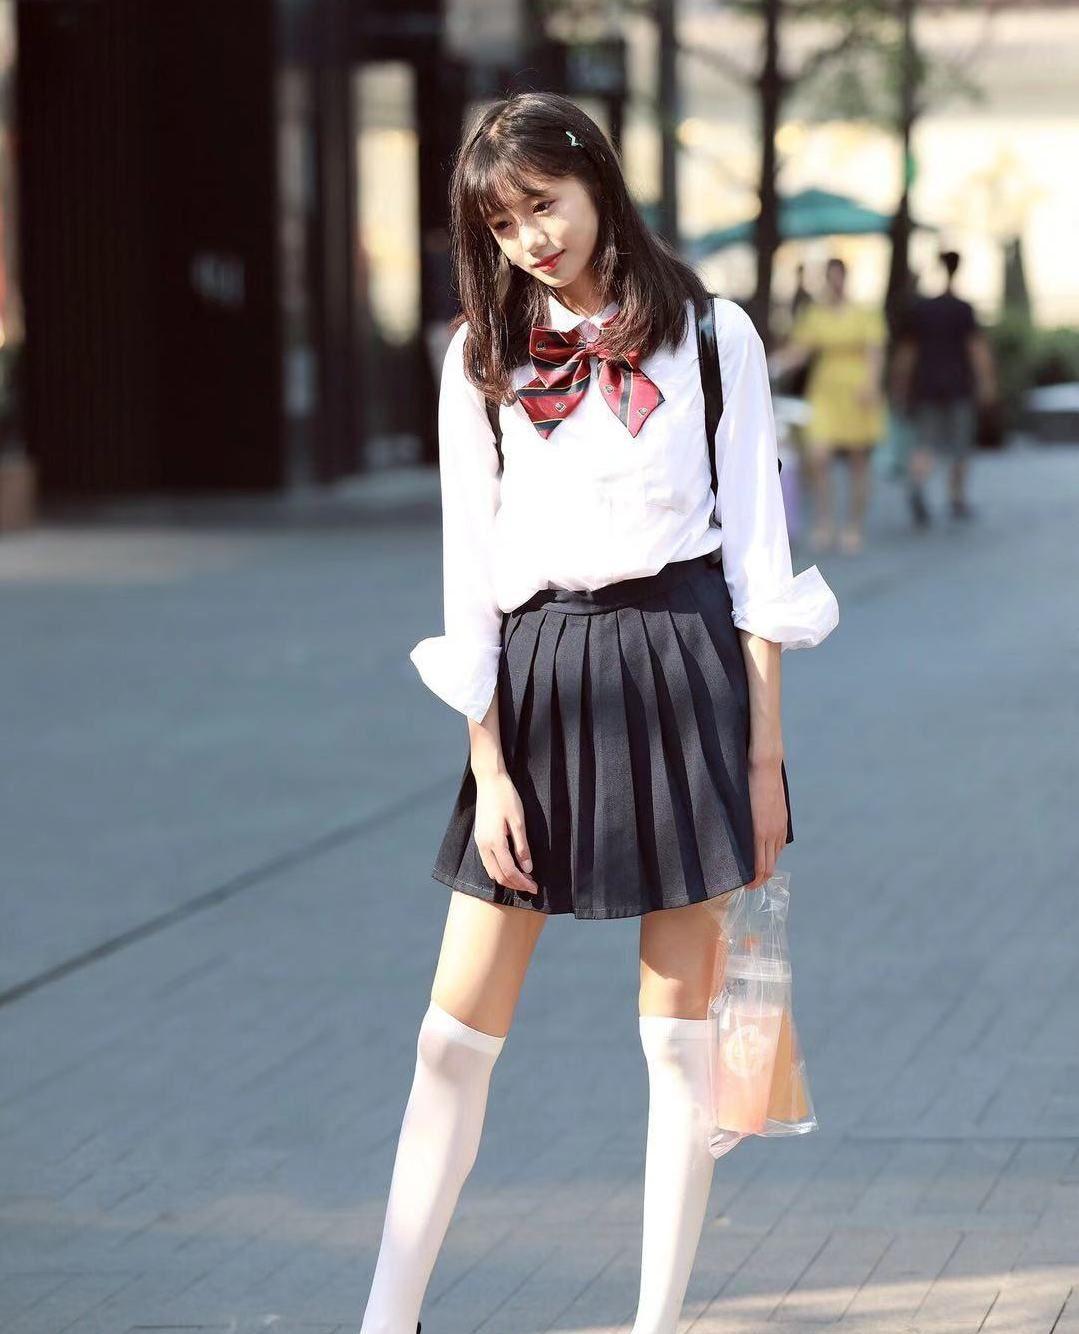 街拍,小姐姐白衬衫搭配黑色百褶裙,短发及肩蝴蝶结甜美可爱